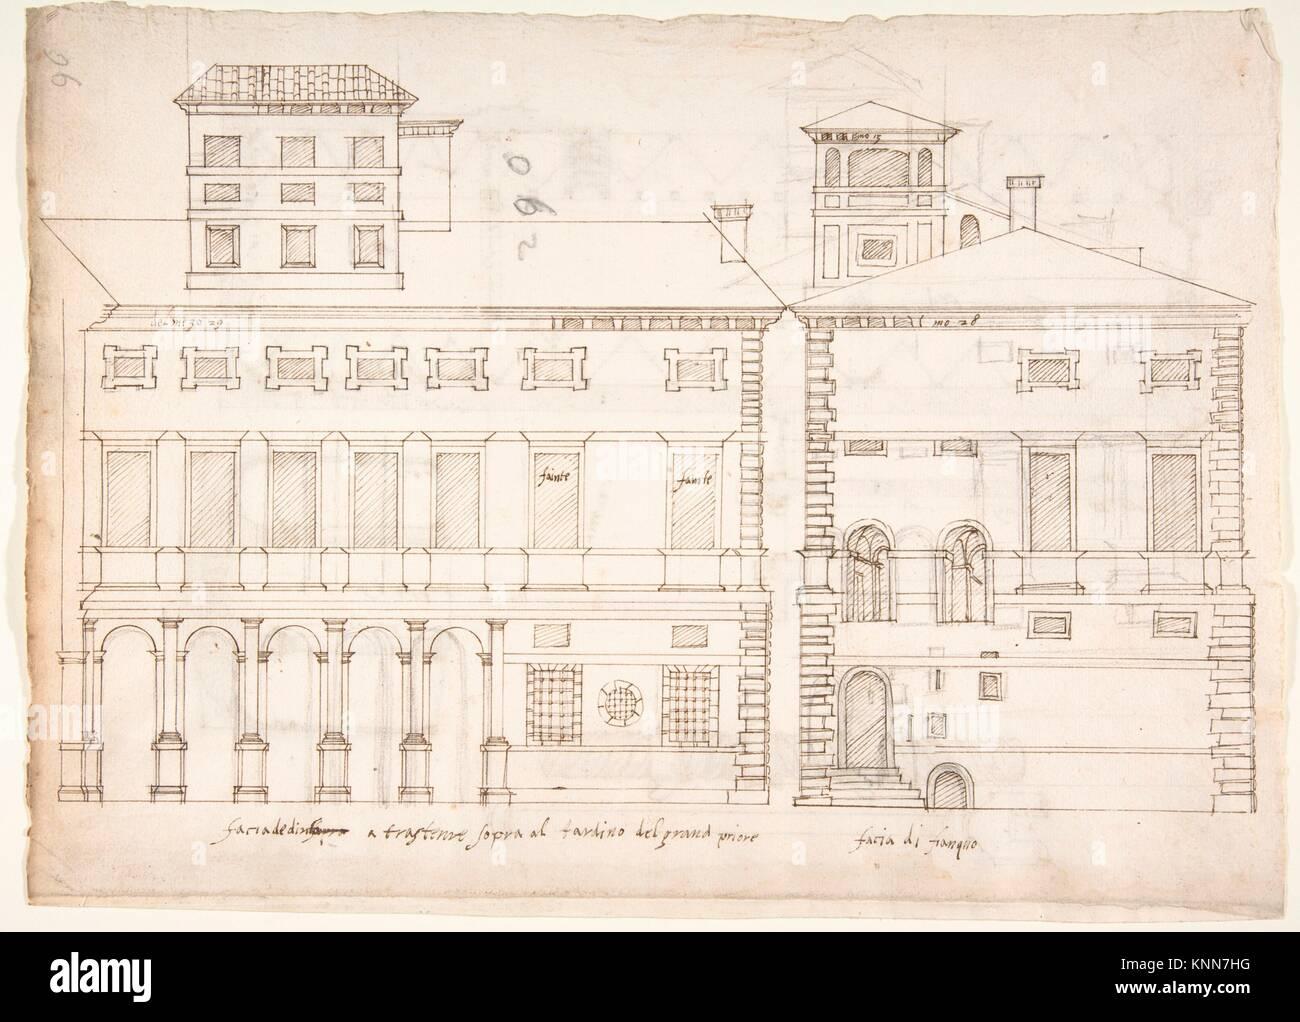 Palazzo Salviati-Adimari elevazioni (recto) Villa Farnesina maneggio, in pianta e di sezione; il disegno di una Immagini Stock